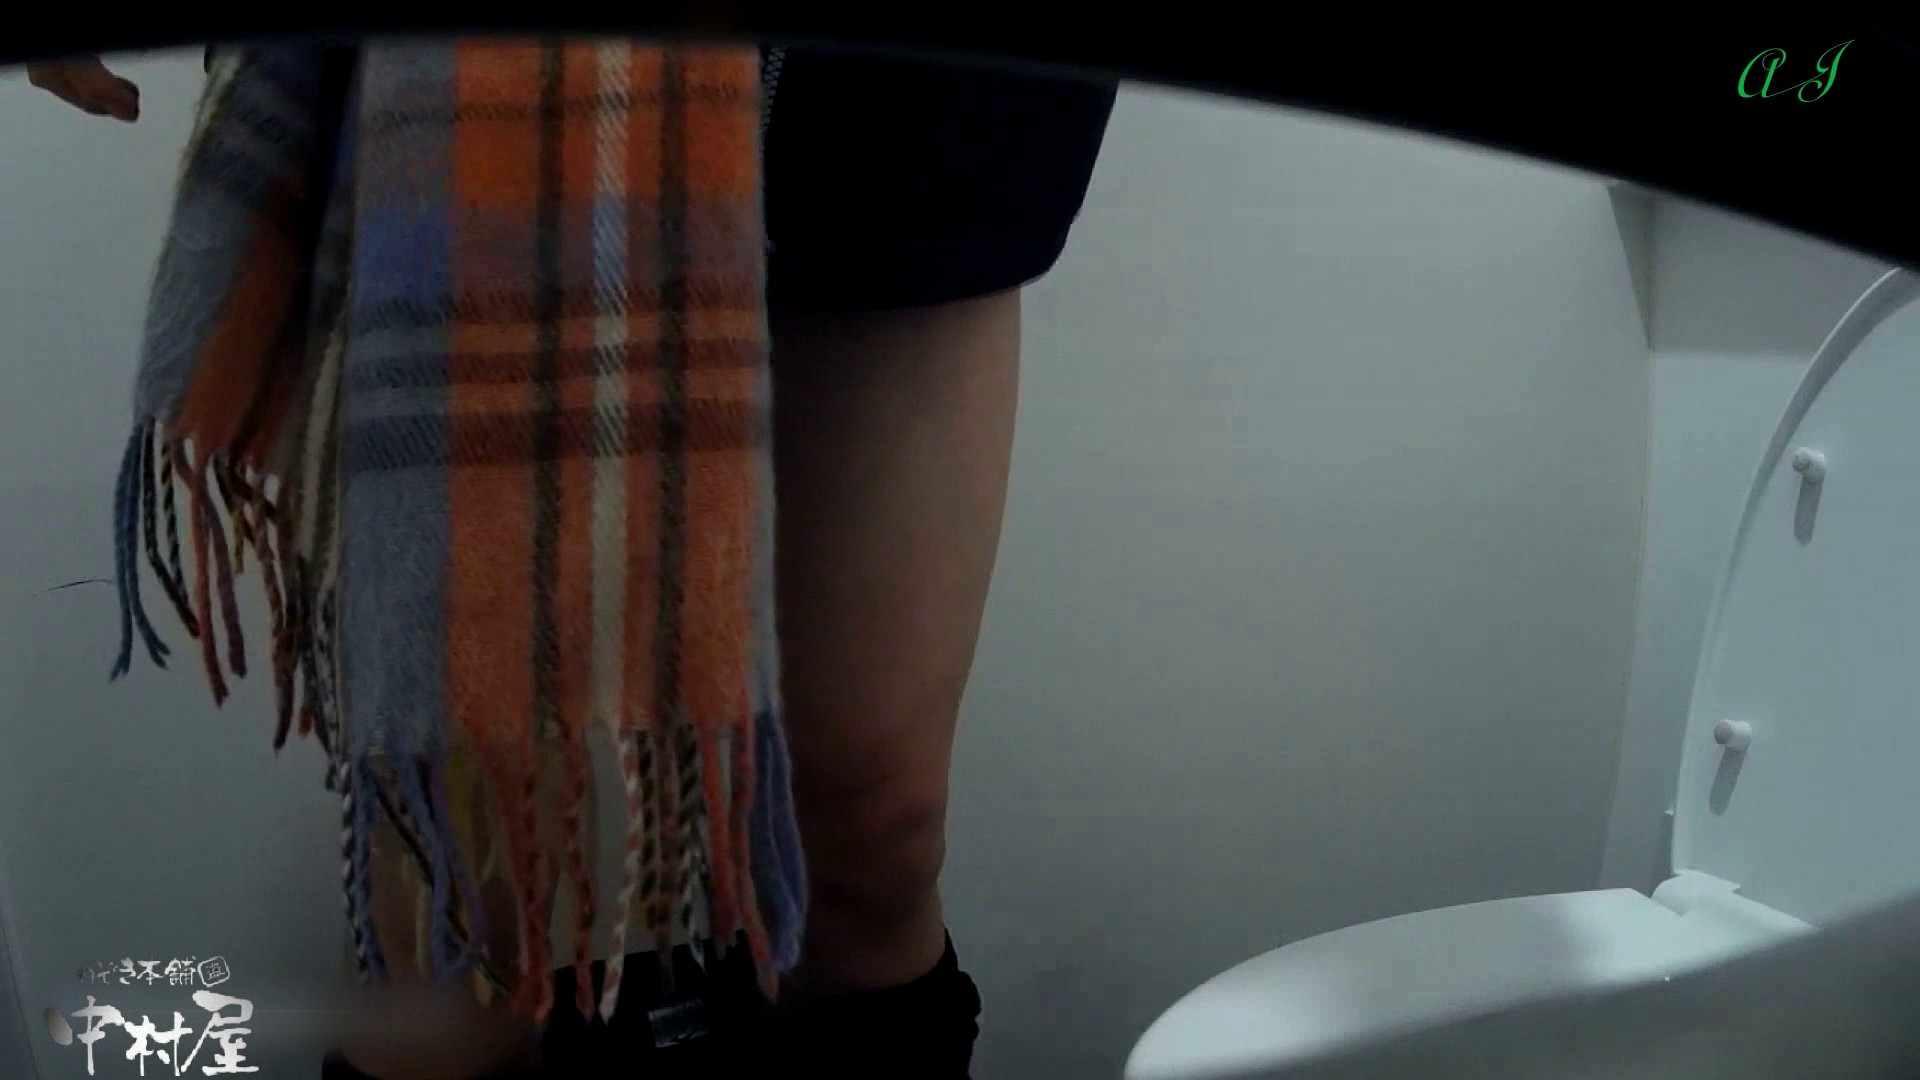 大あり美JDトイレ盗satu【有名大学女性洗面所 vol.80】 トイレの中の女の子 セックス画像 67連発 52